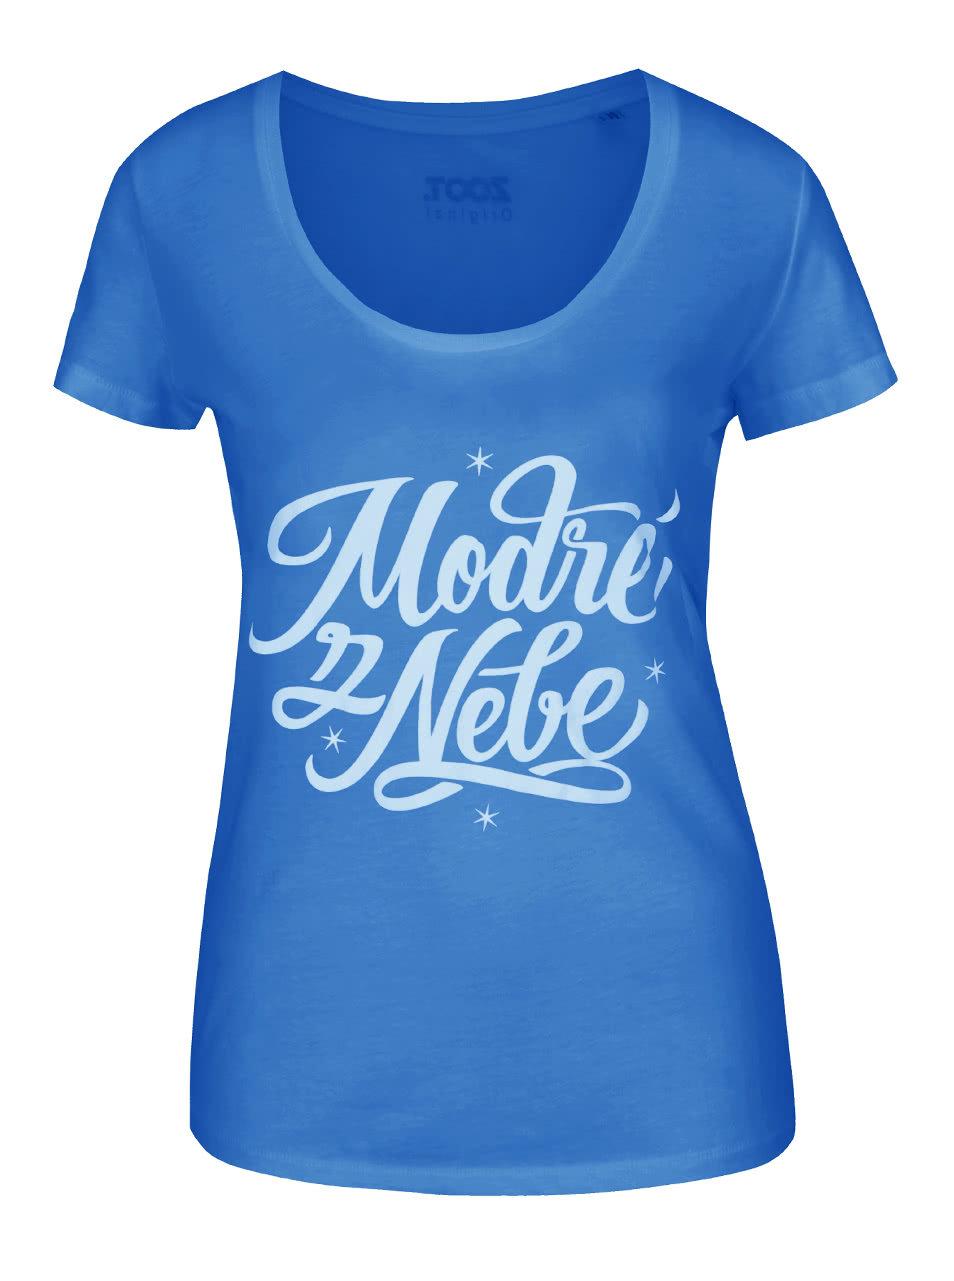 Modré dámské tričko ZOOT Originál Modré z nebe ... dcbec81dc5